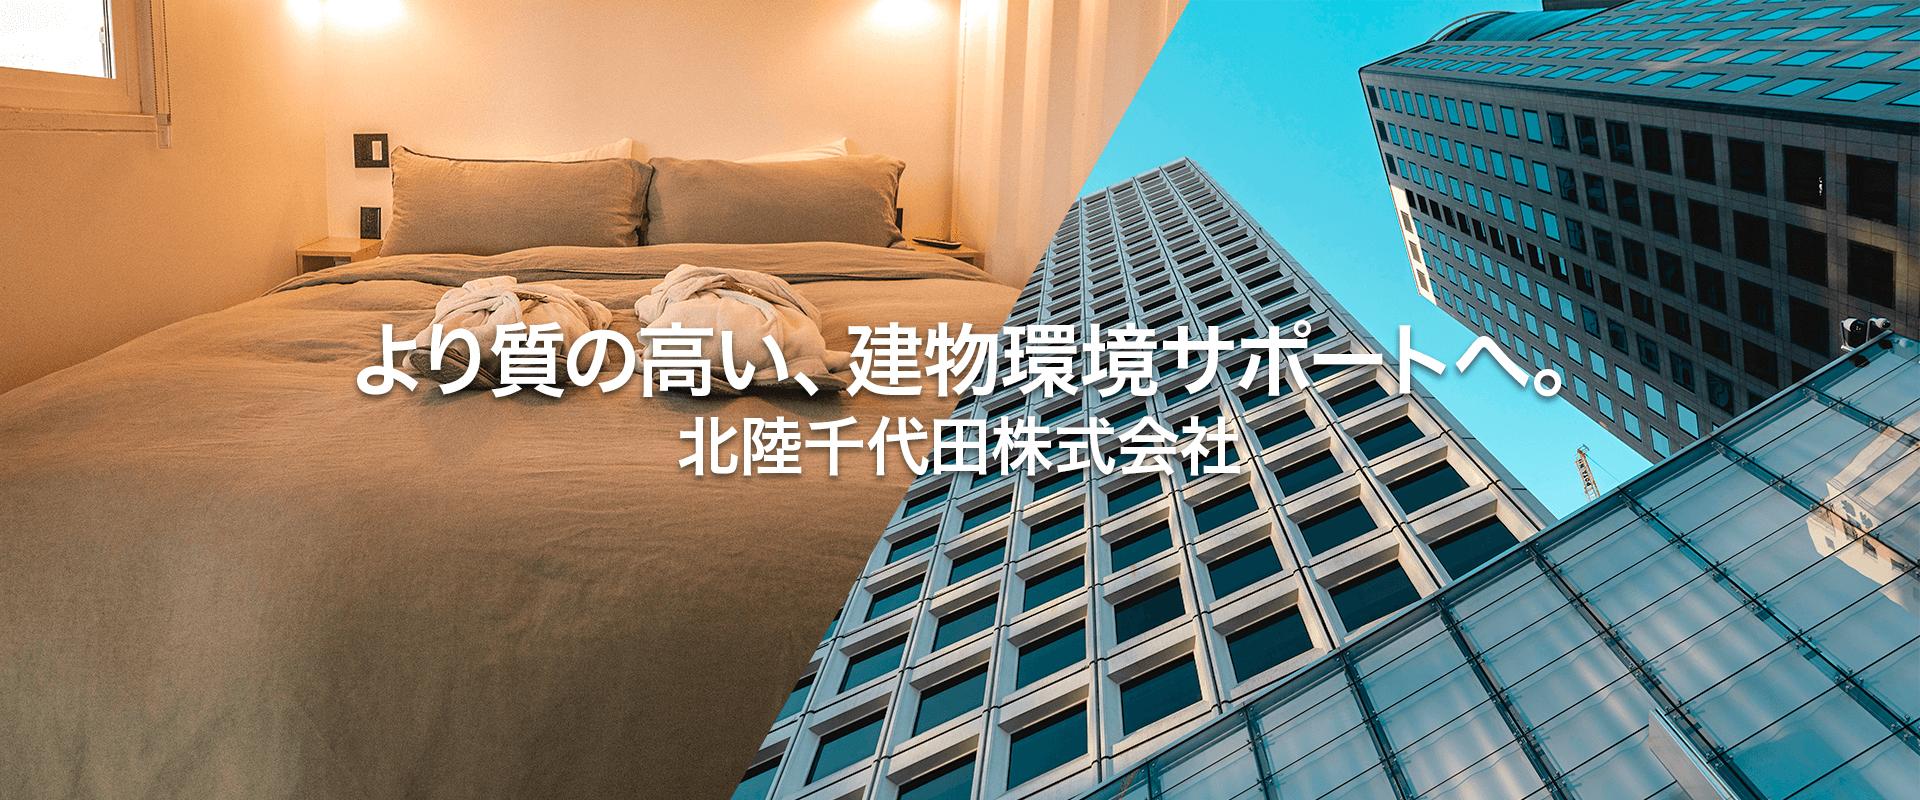 より質の高い、建物環境サポートへ。北陸千代田株式会社